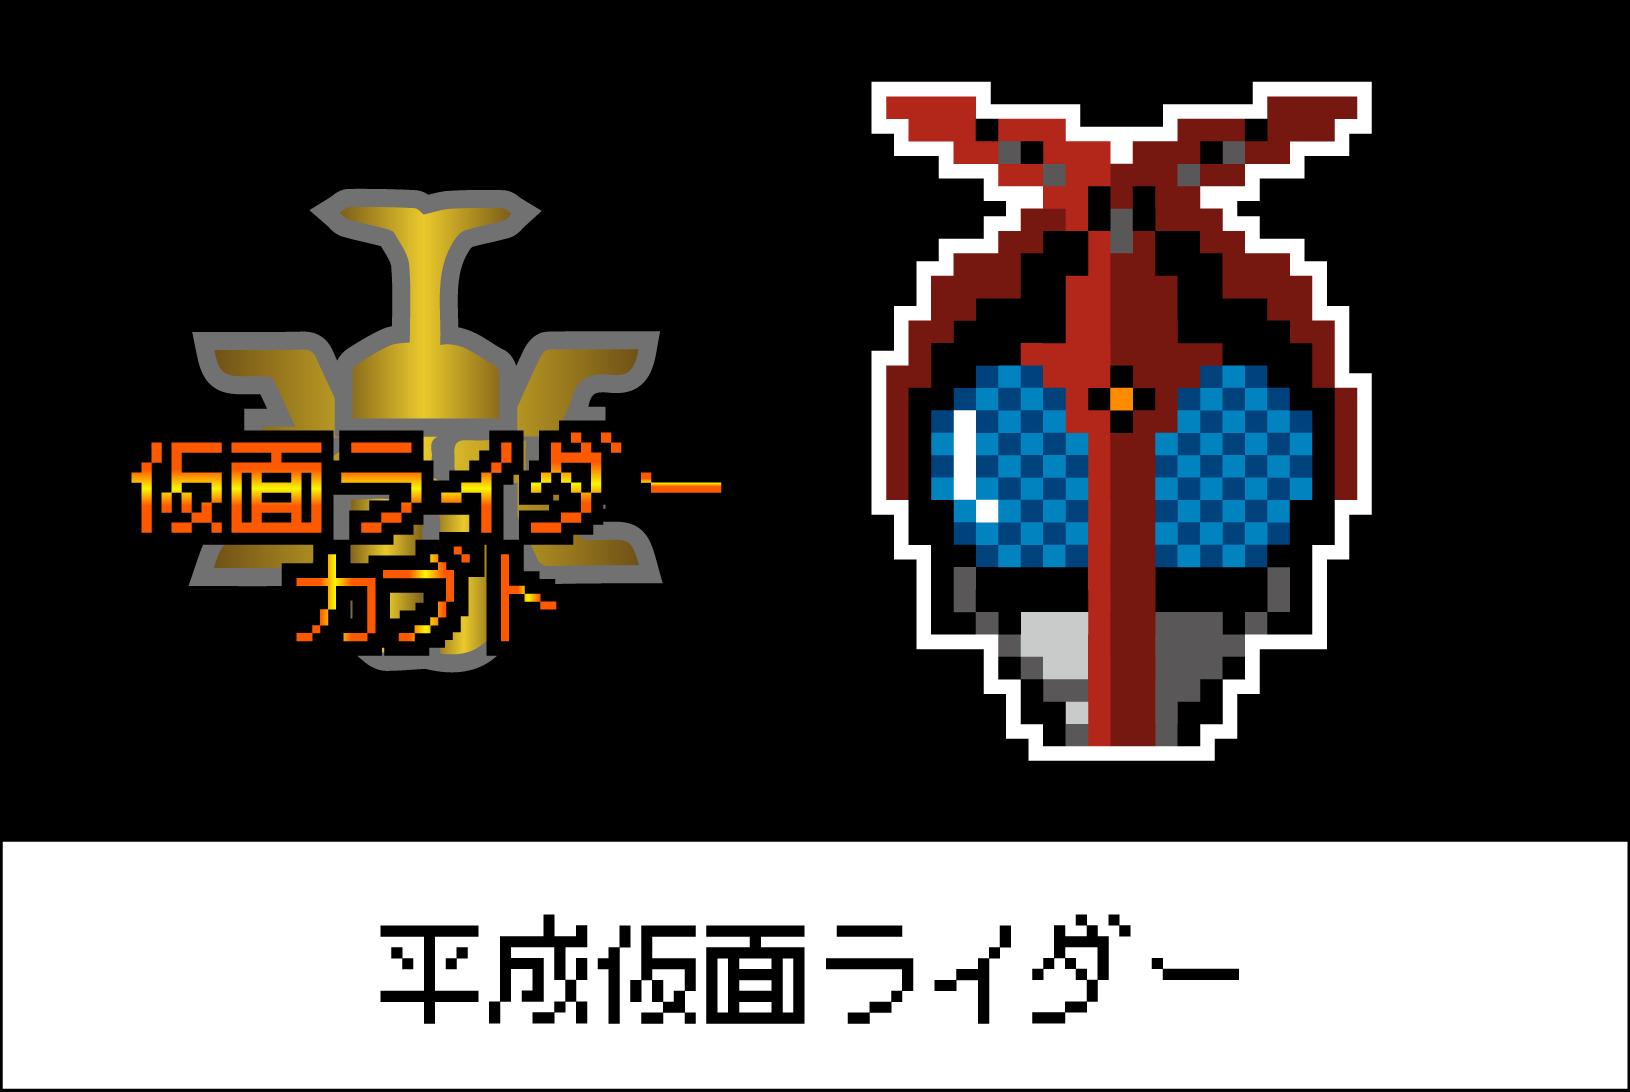 【平成仮面ライダーシリーズ】仮面ライダーカブトのアイロンビーズ図案